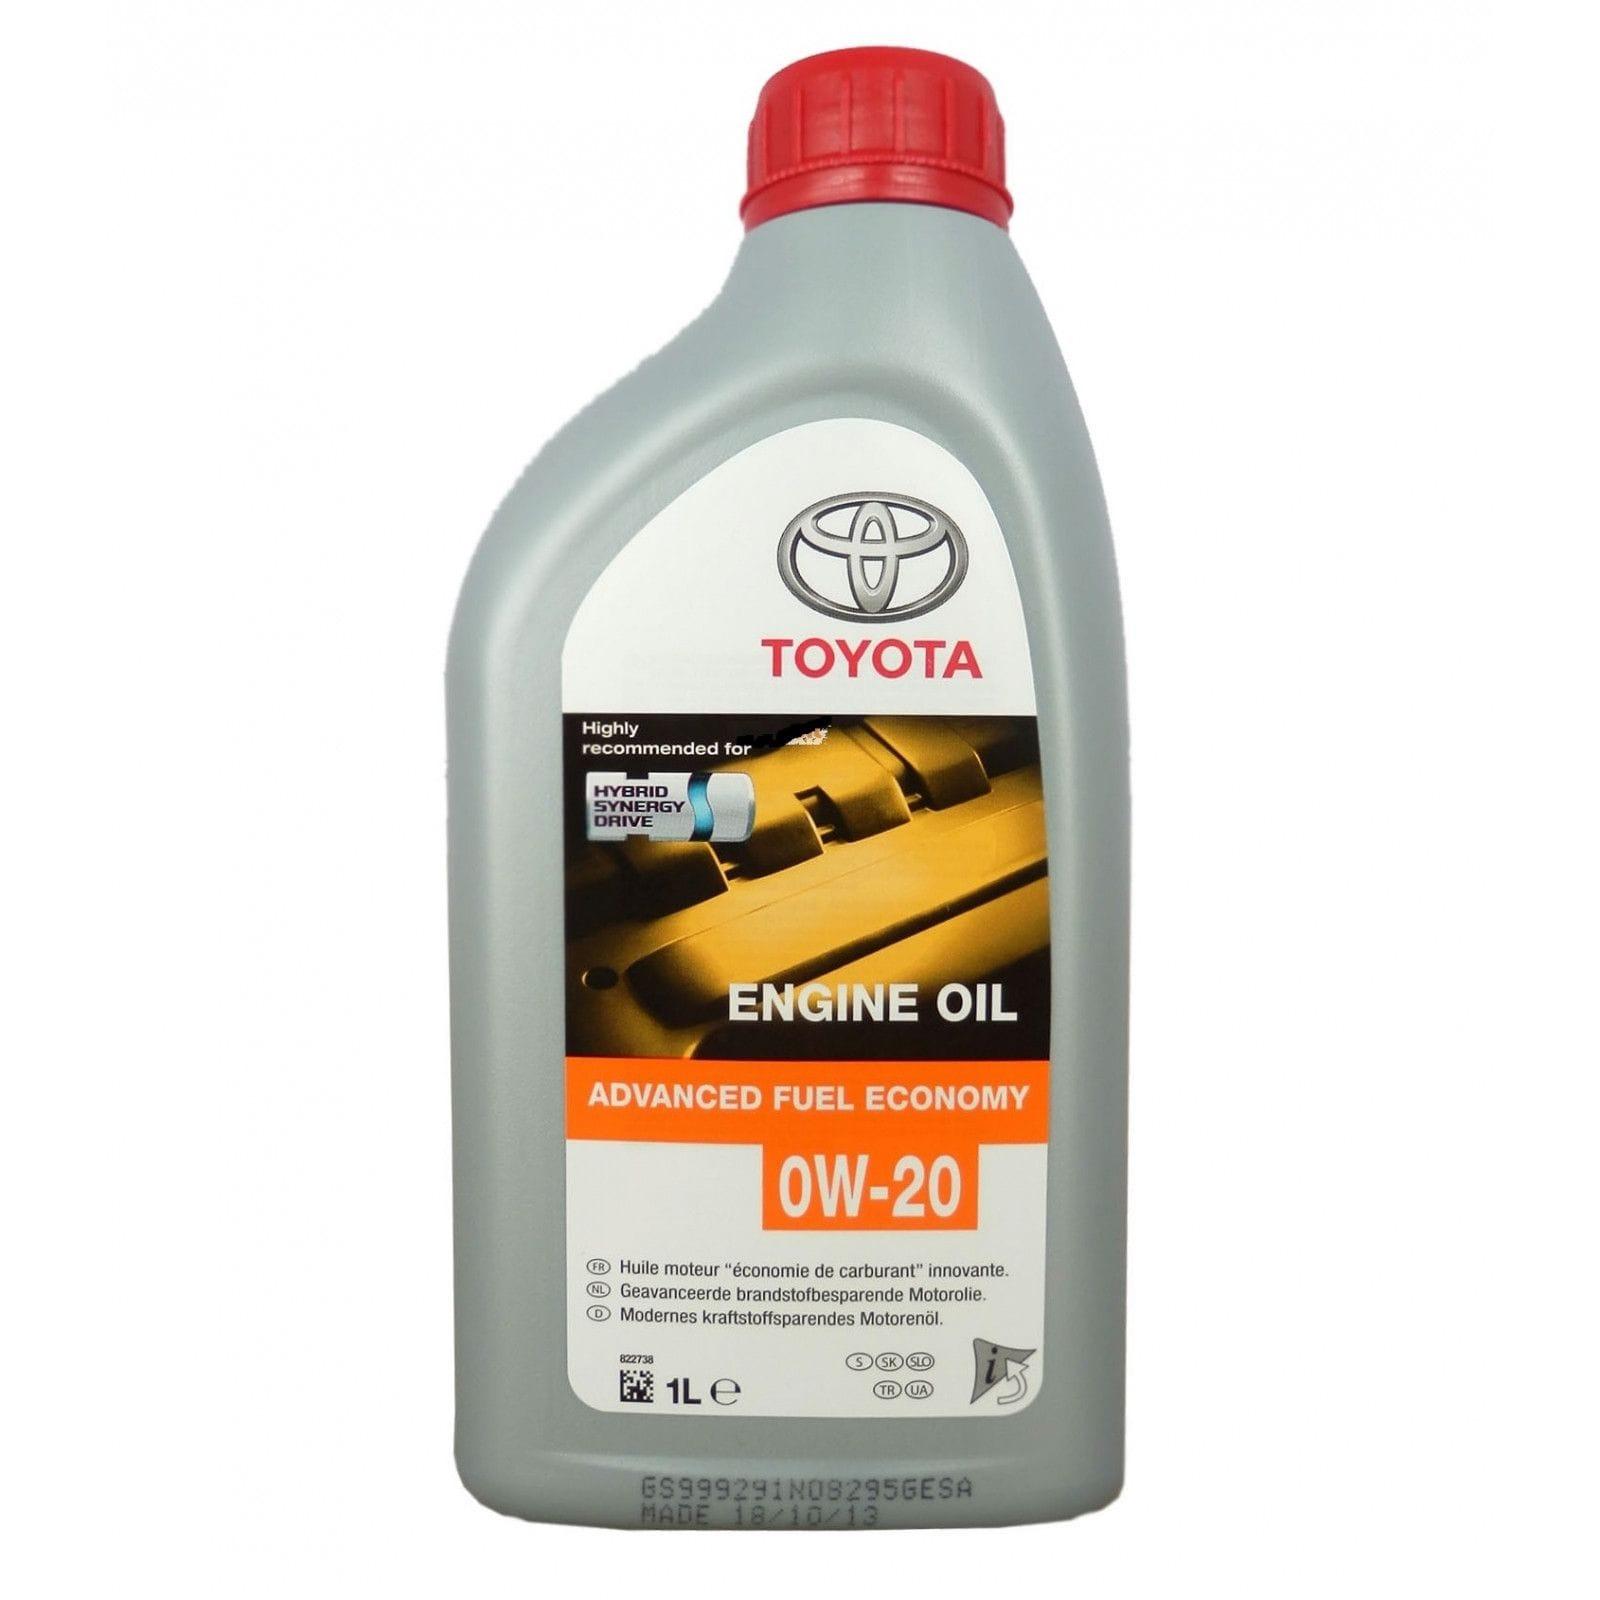 TOYOTA Моторное масло Синтетическое Toyota Motor